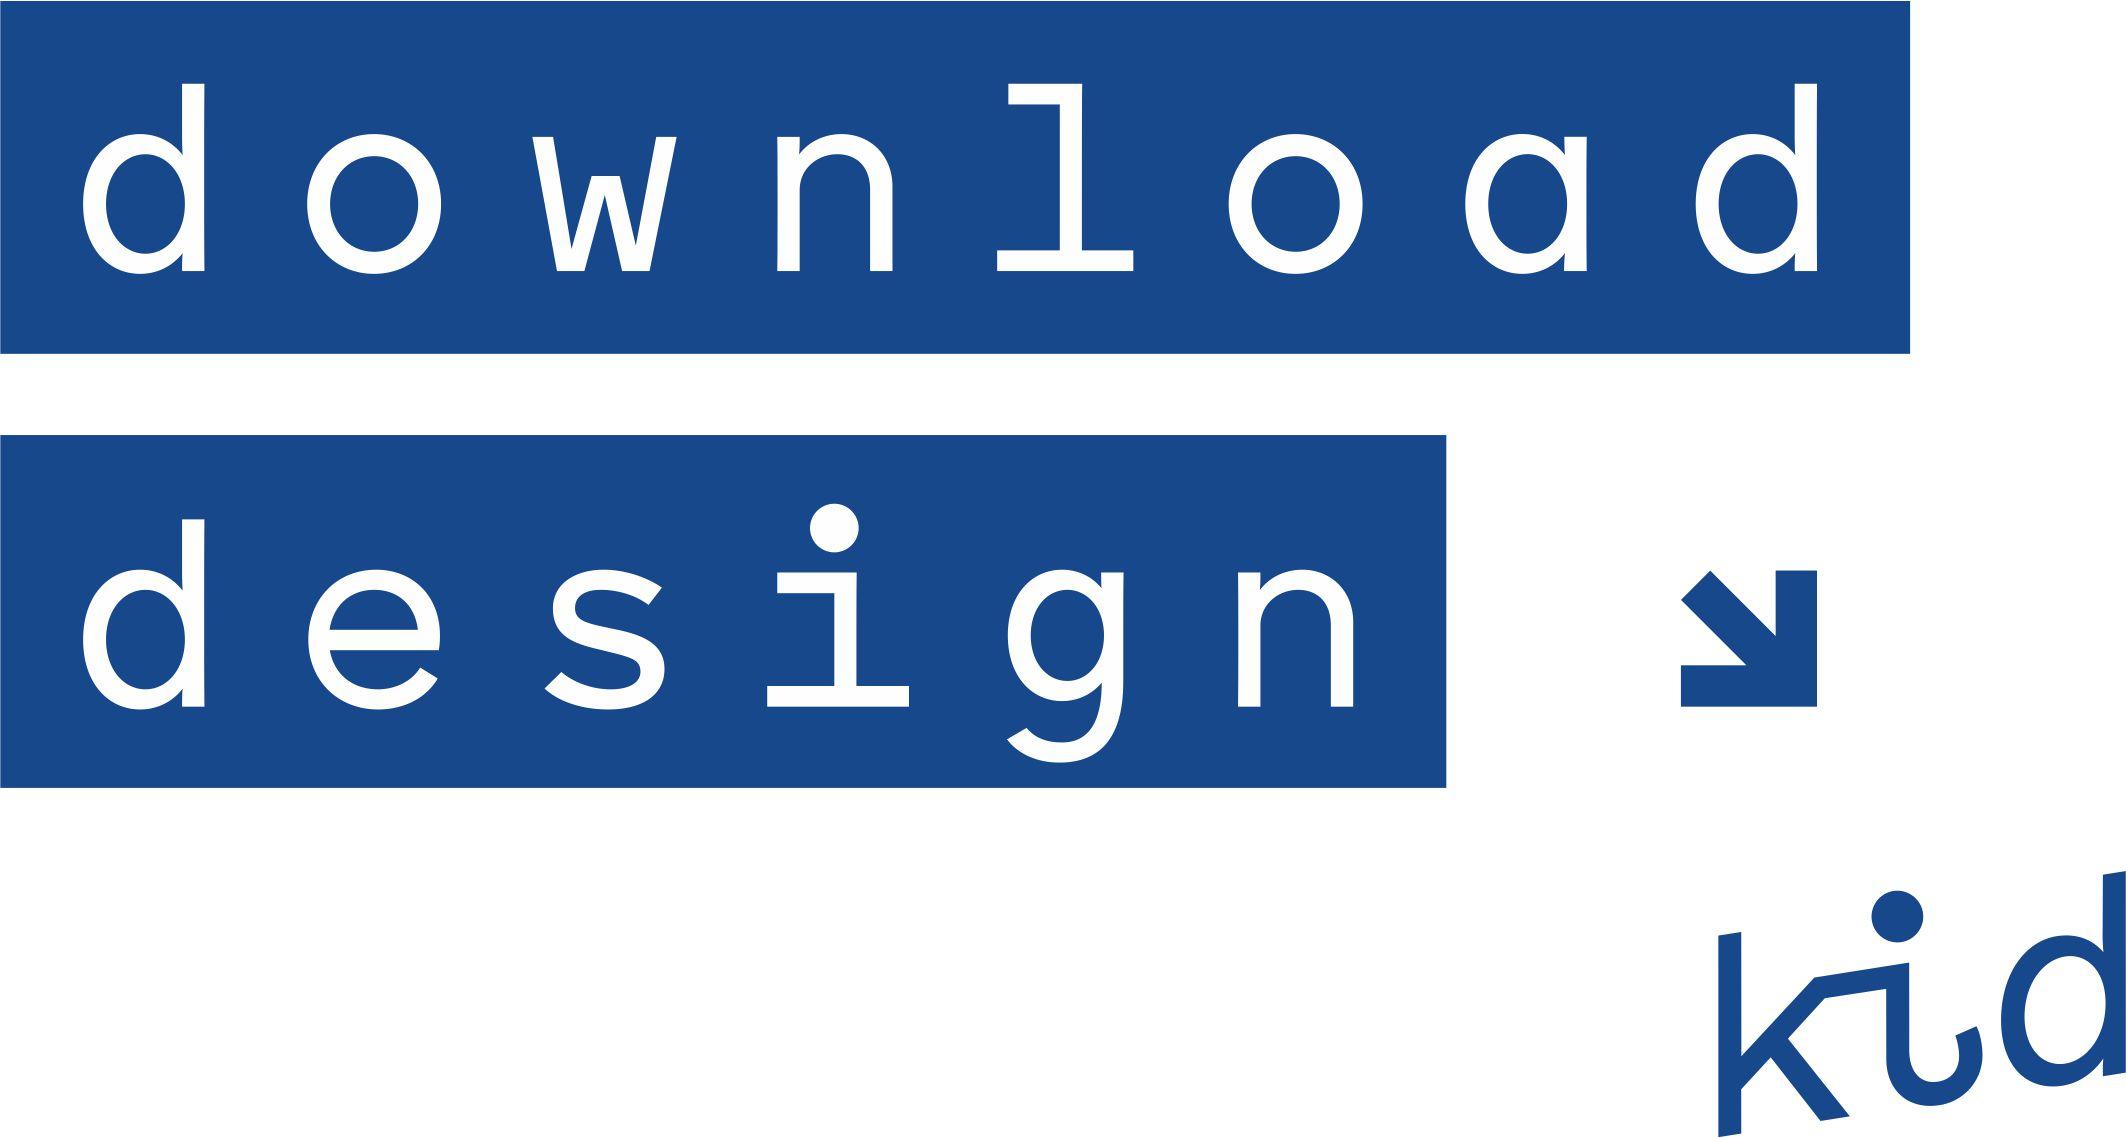 01ddkid_logo.jpg